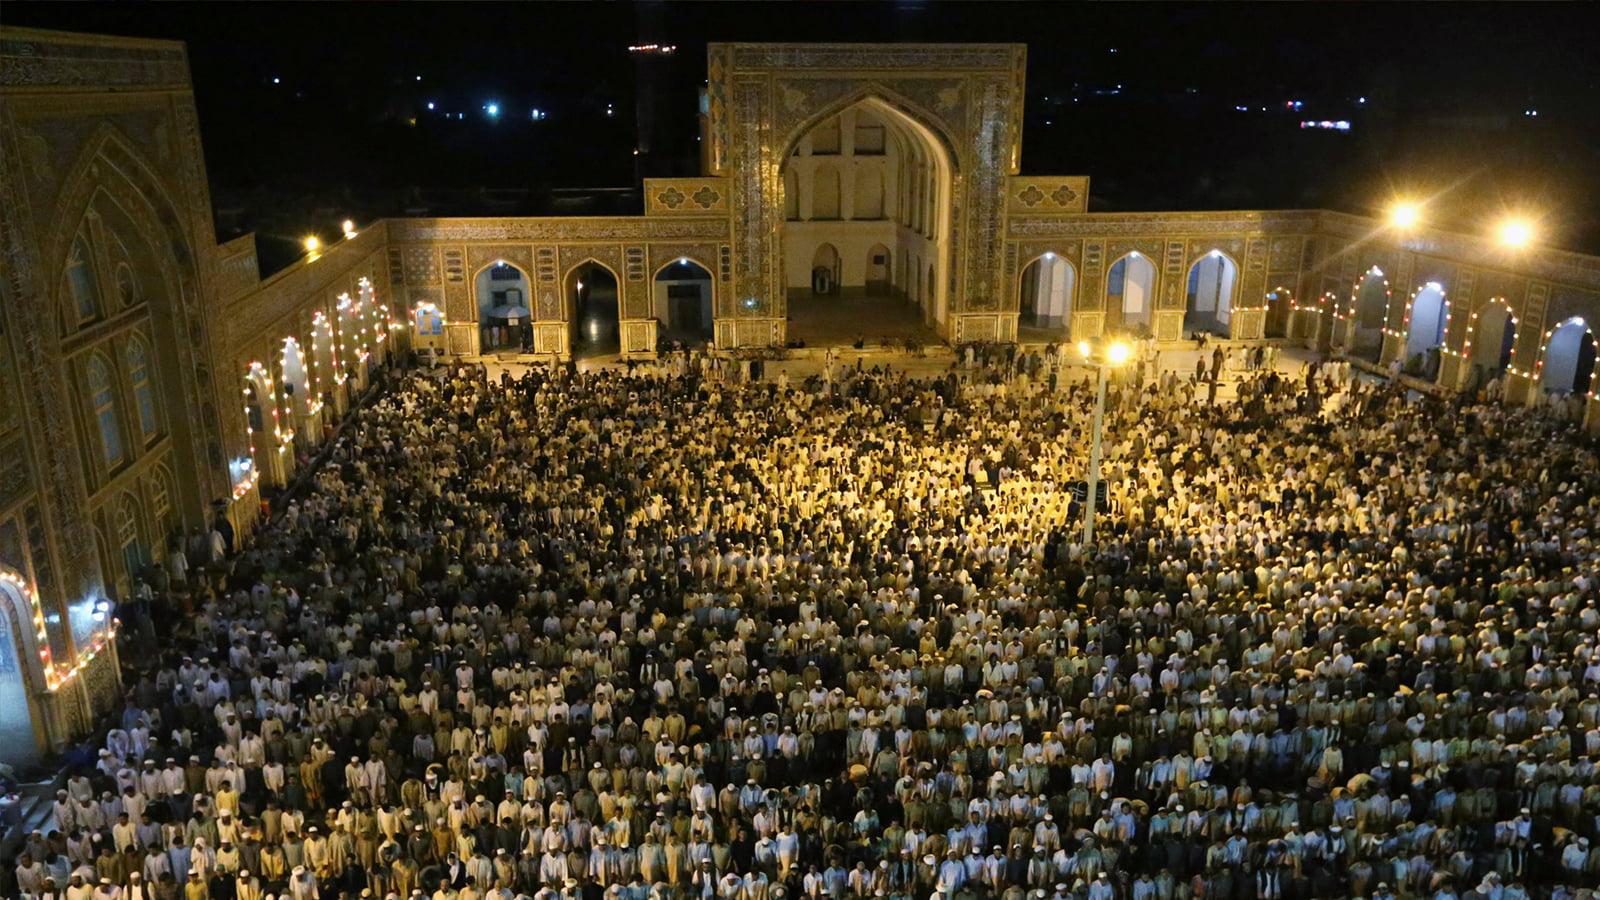 .jpg - ليالي رمضان..نبذة تاريخية عن صلاة التراويح المحببة